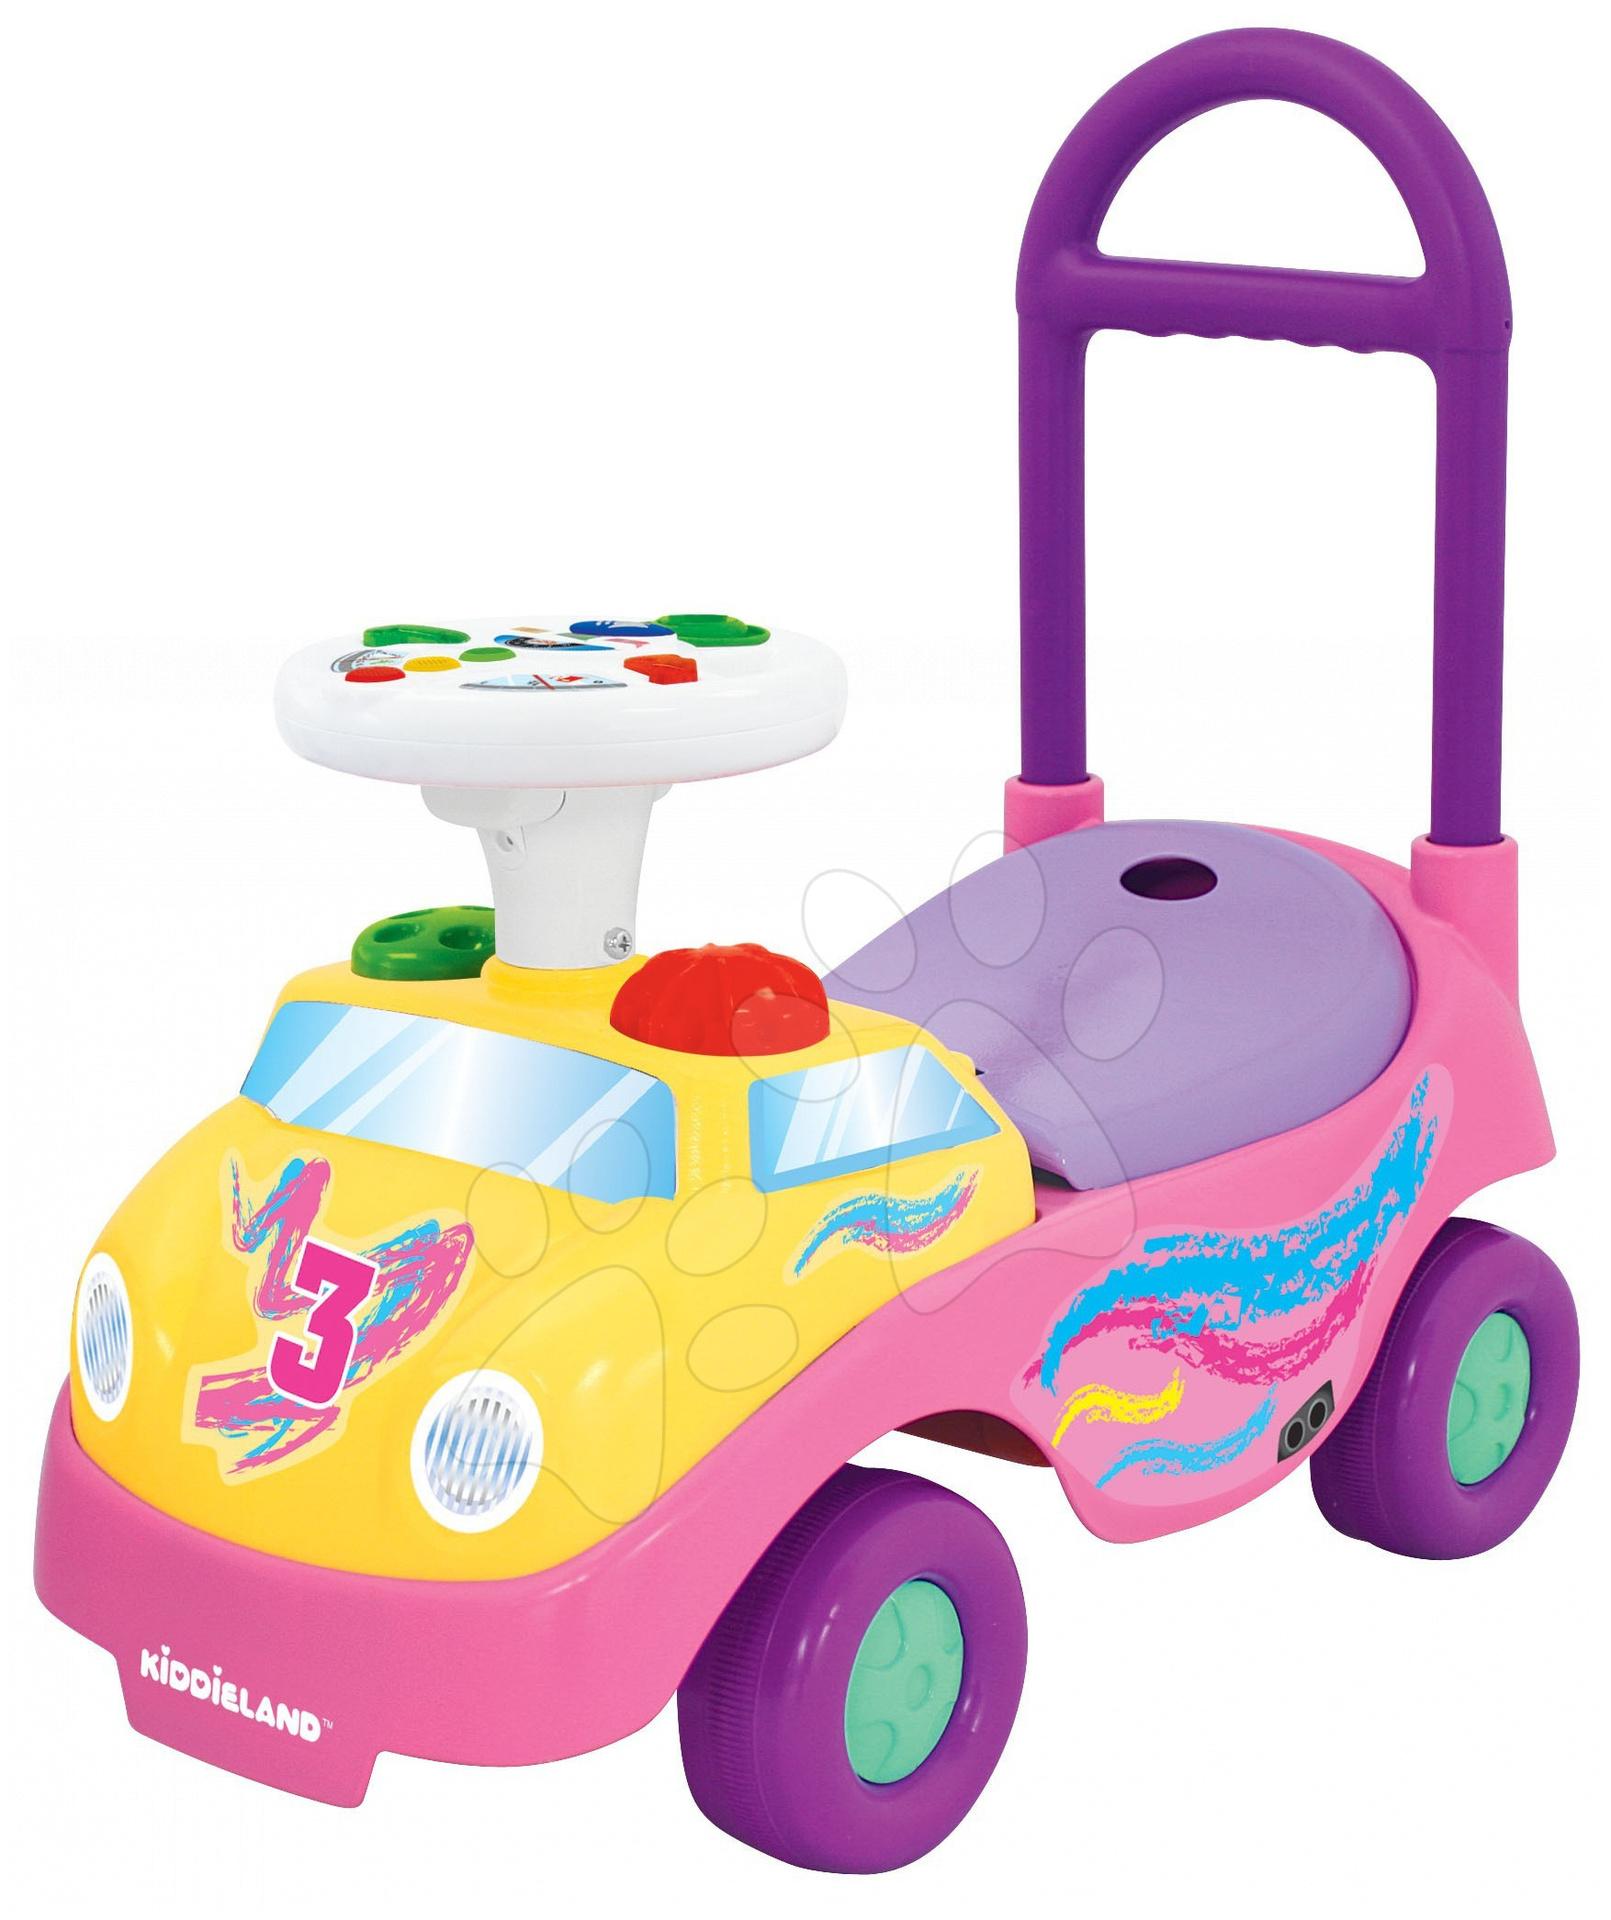 Odrážadlá so zvukom - Activity odrážadlo auto Kiddieland ružové so zvukom a svetlom